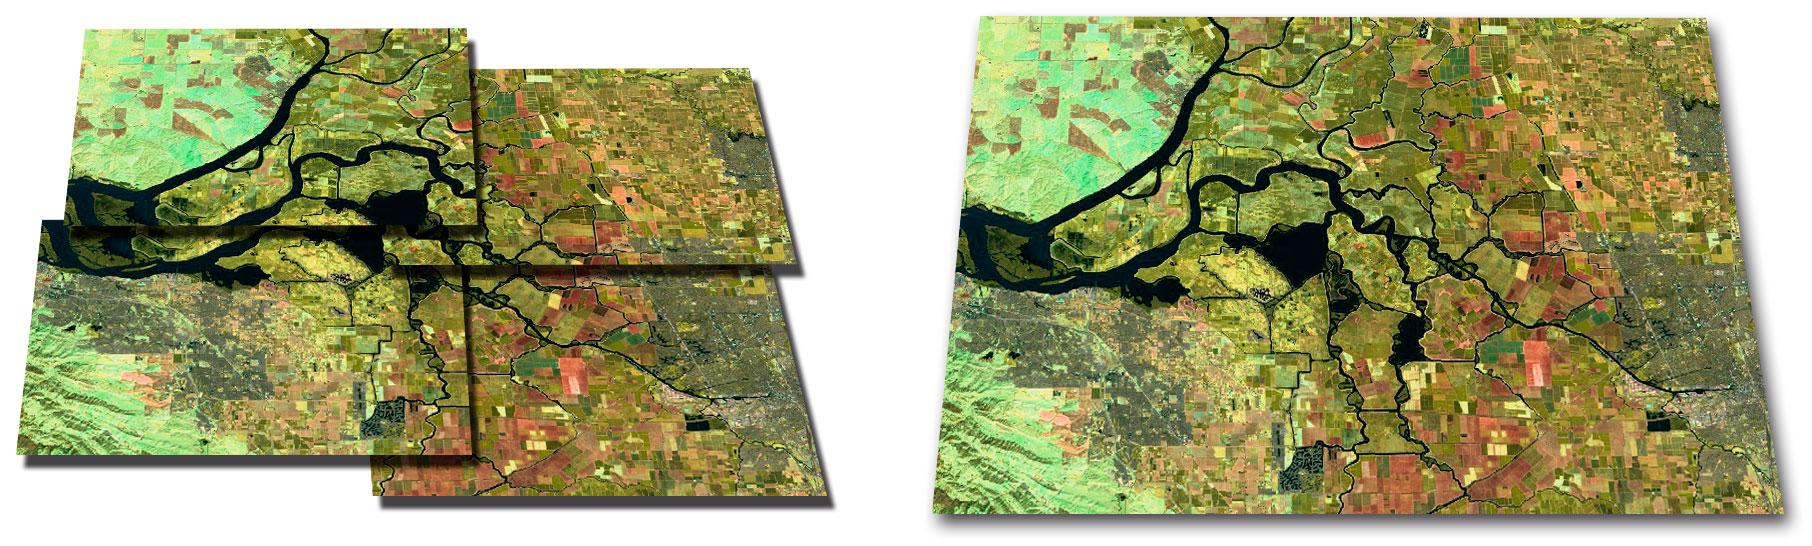 Cómo unir imágenes satélite